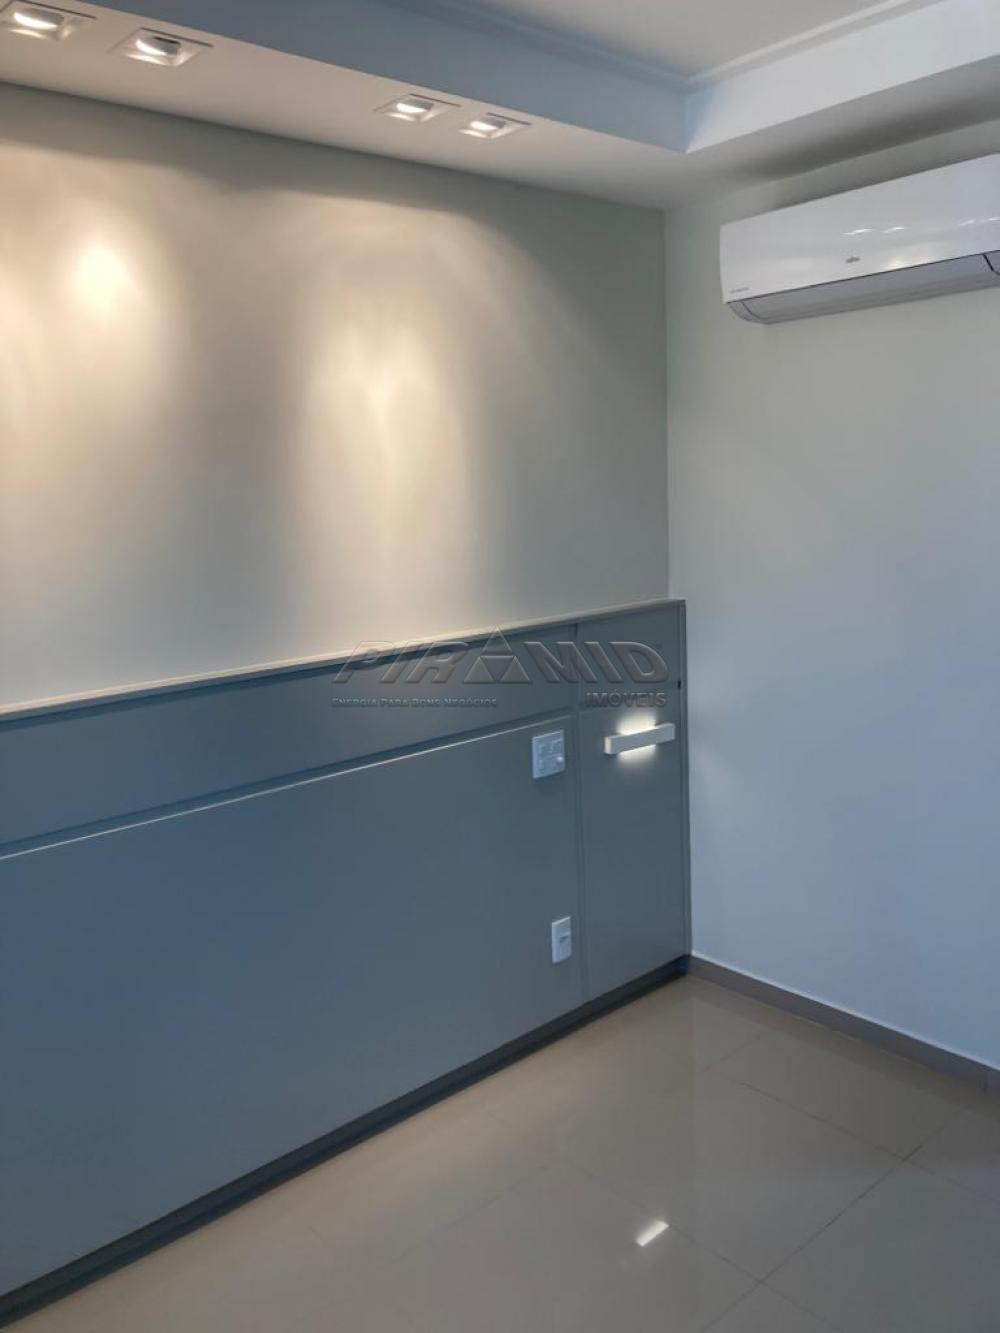 Comprar Apartamento / Padrão em Ribeirão Preto apenas R$ 800.000,00 - Foto 11